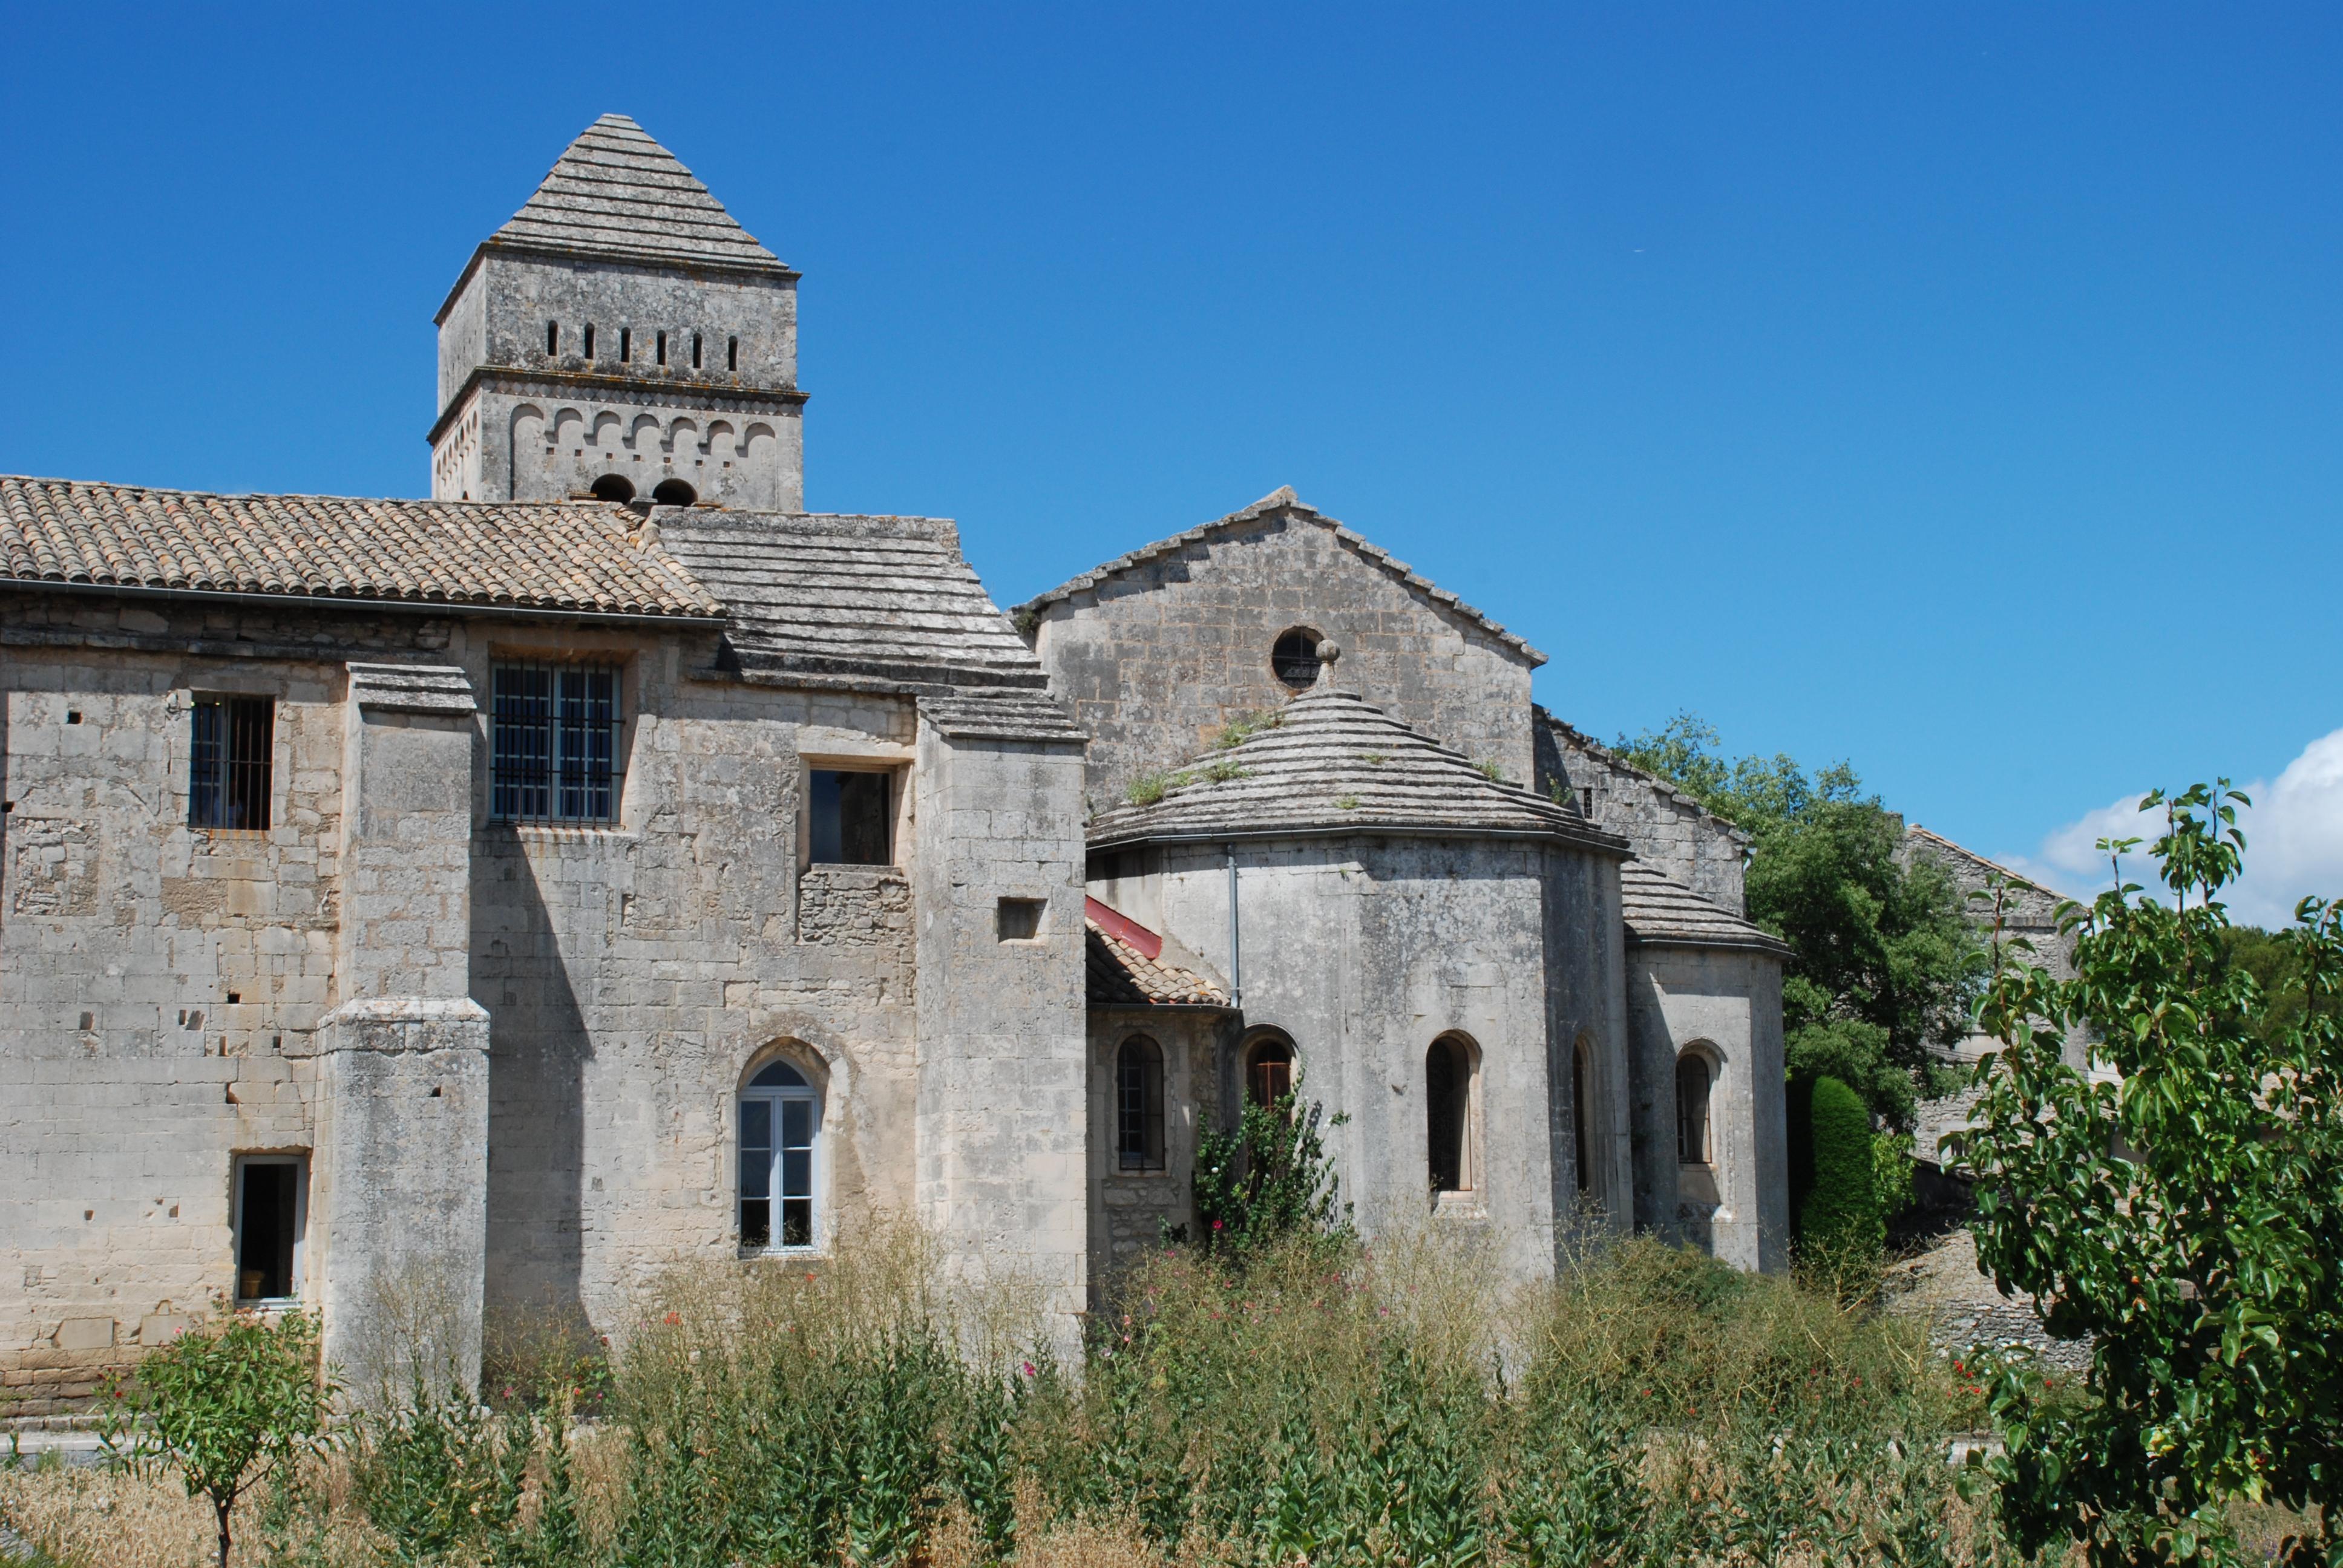 Monast re saint paul de mausole for Etymologie architecture